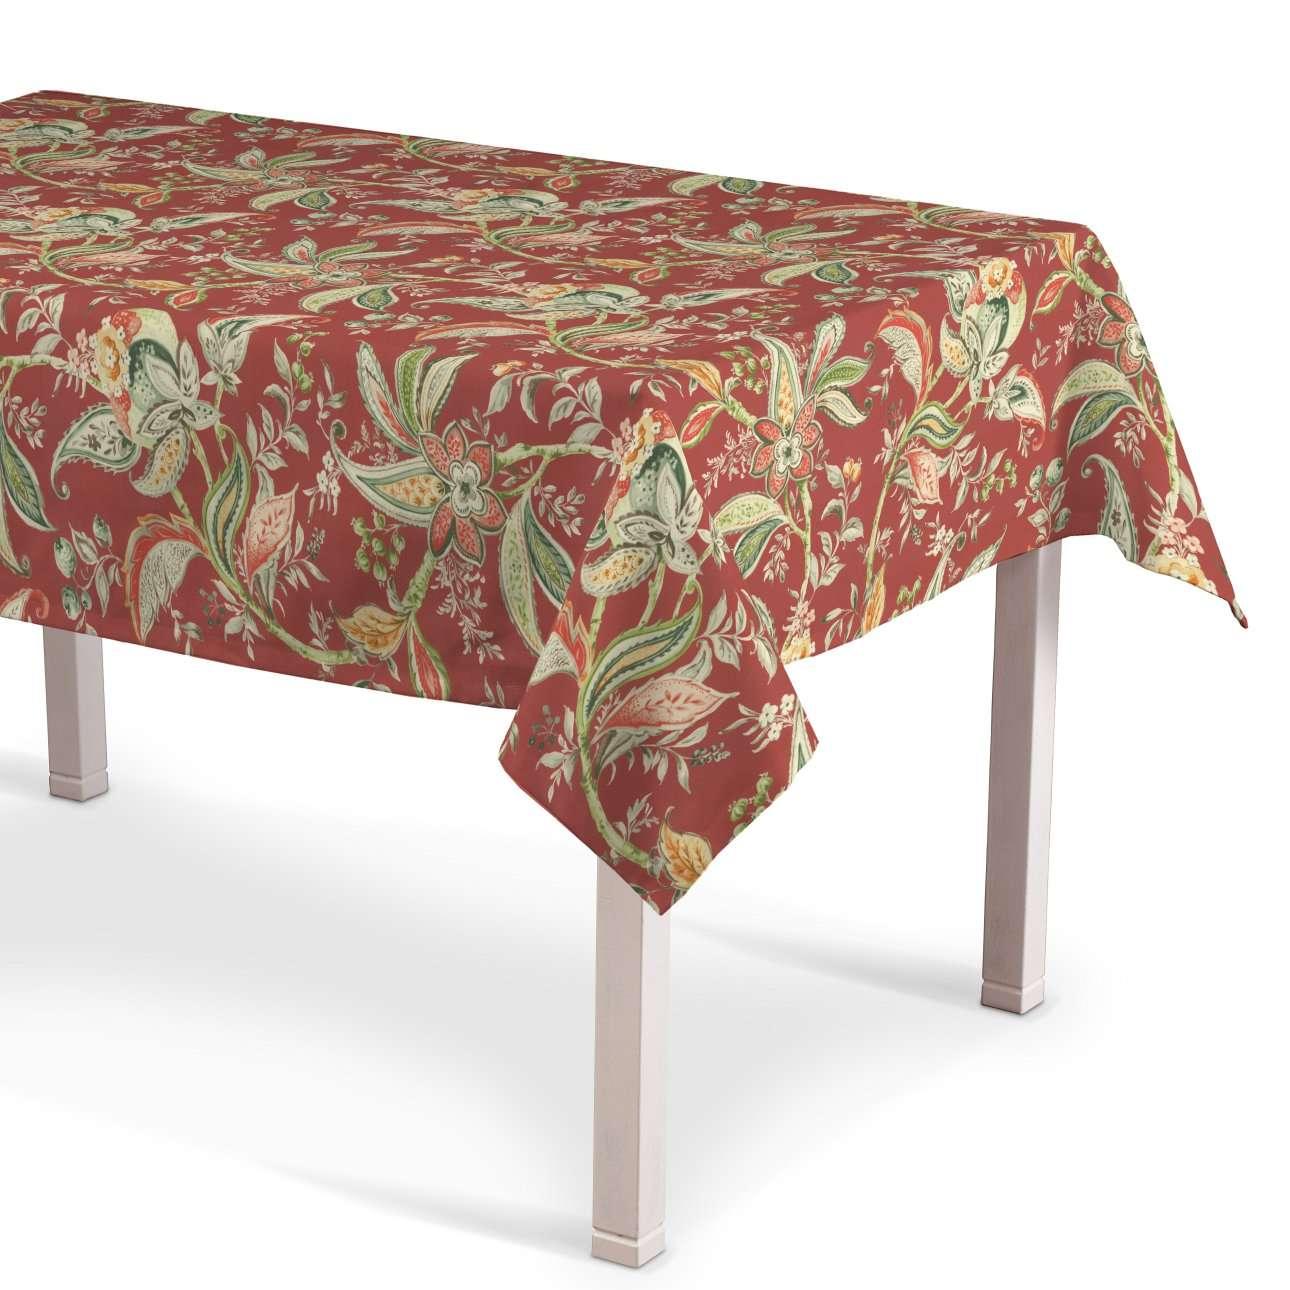 Rechteckige Tischdecke von der Kollektion Gardenia, Stoff: 142-12